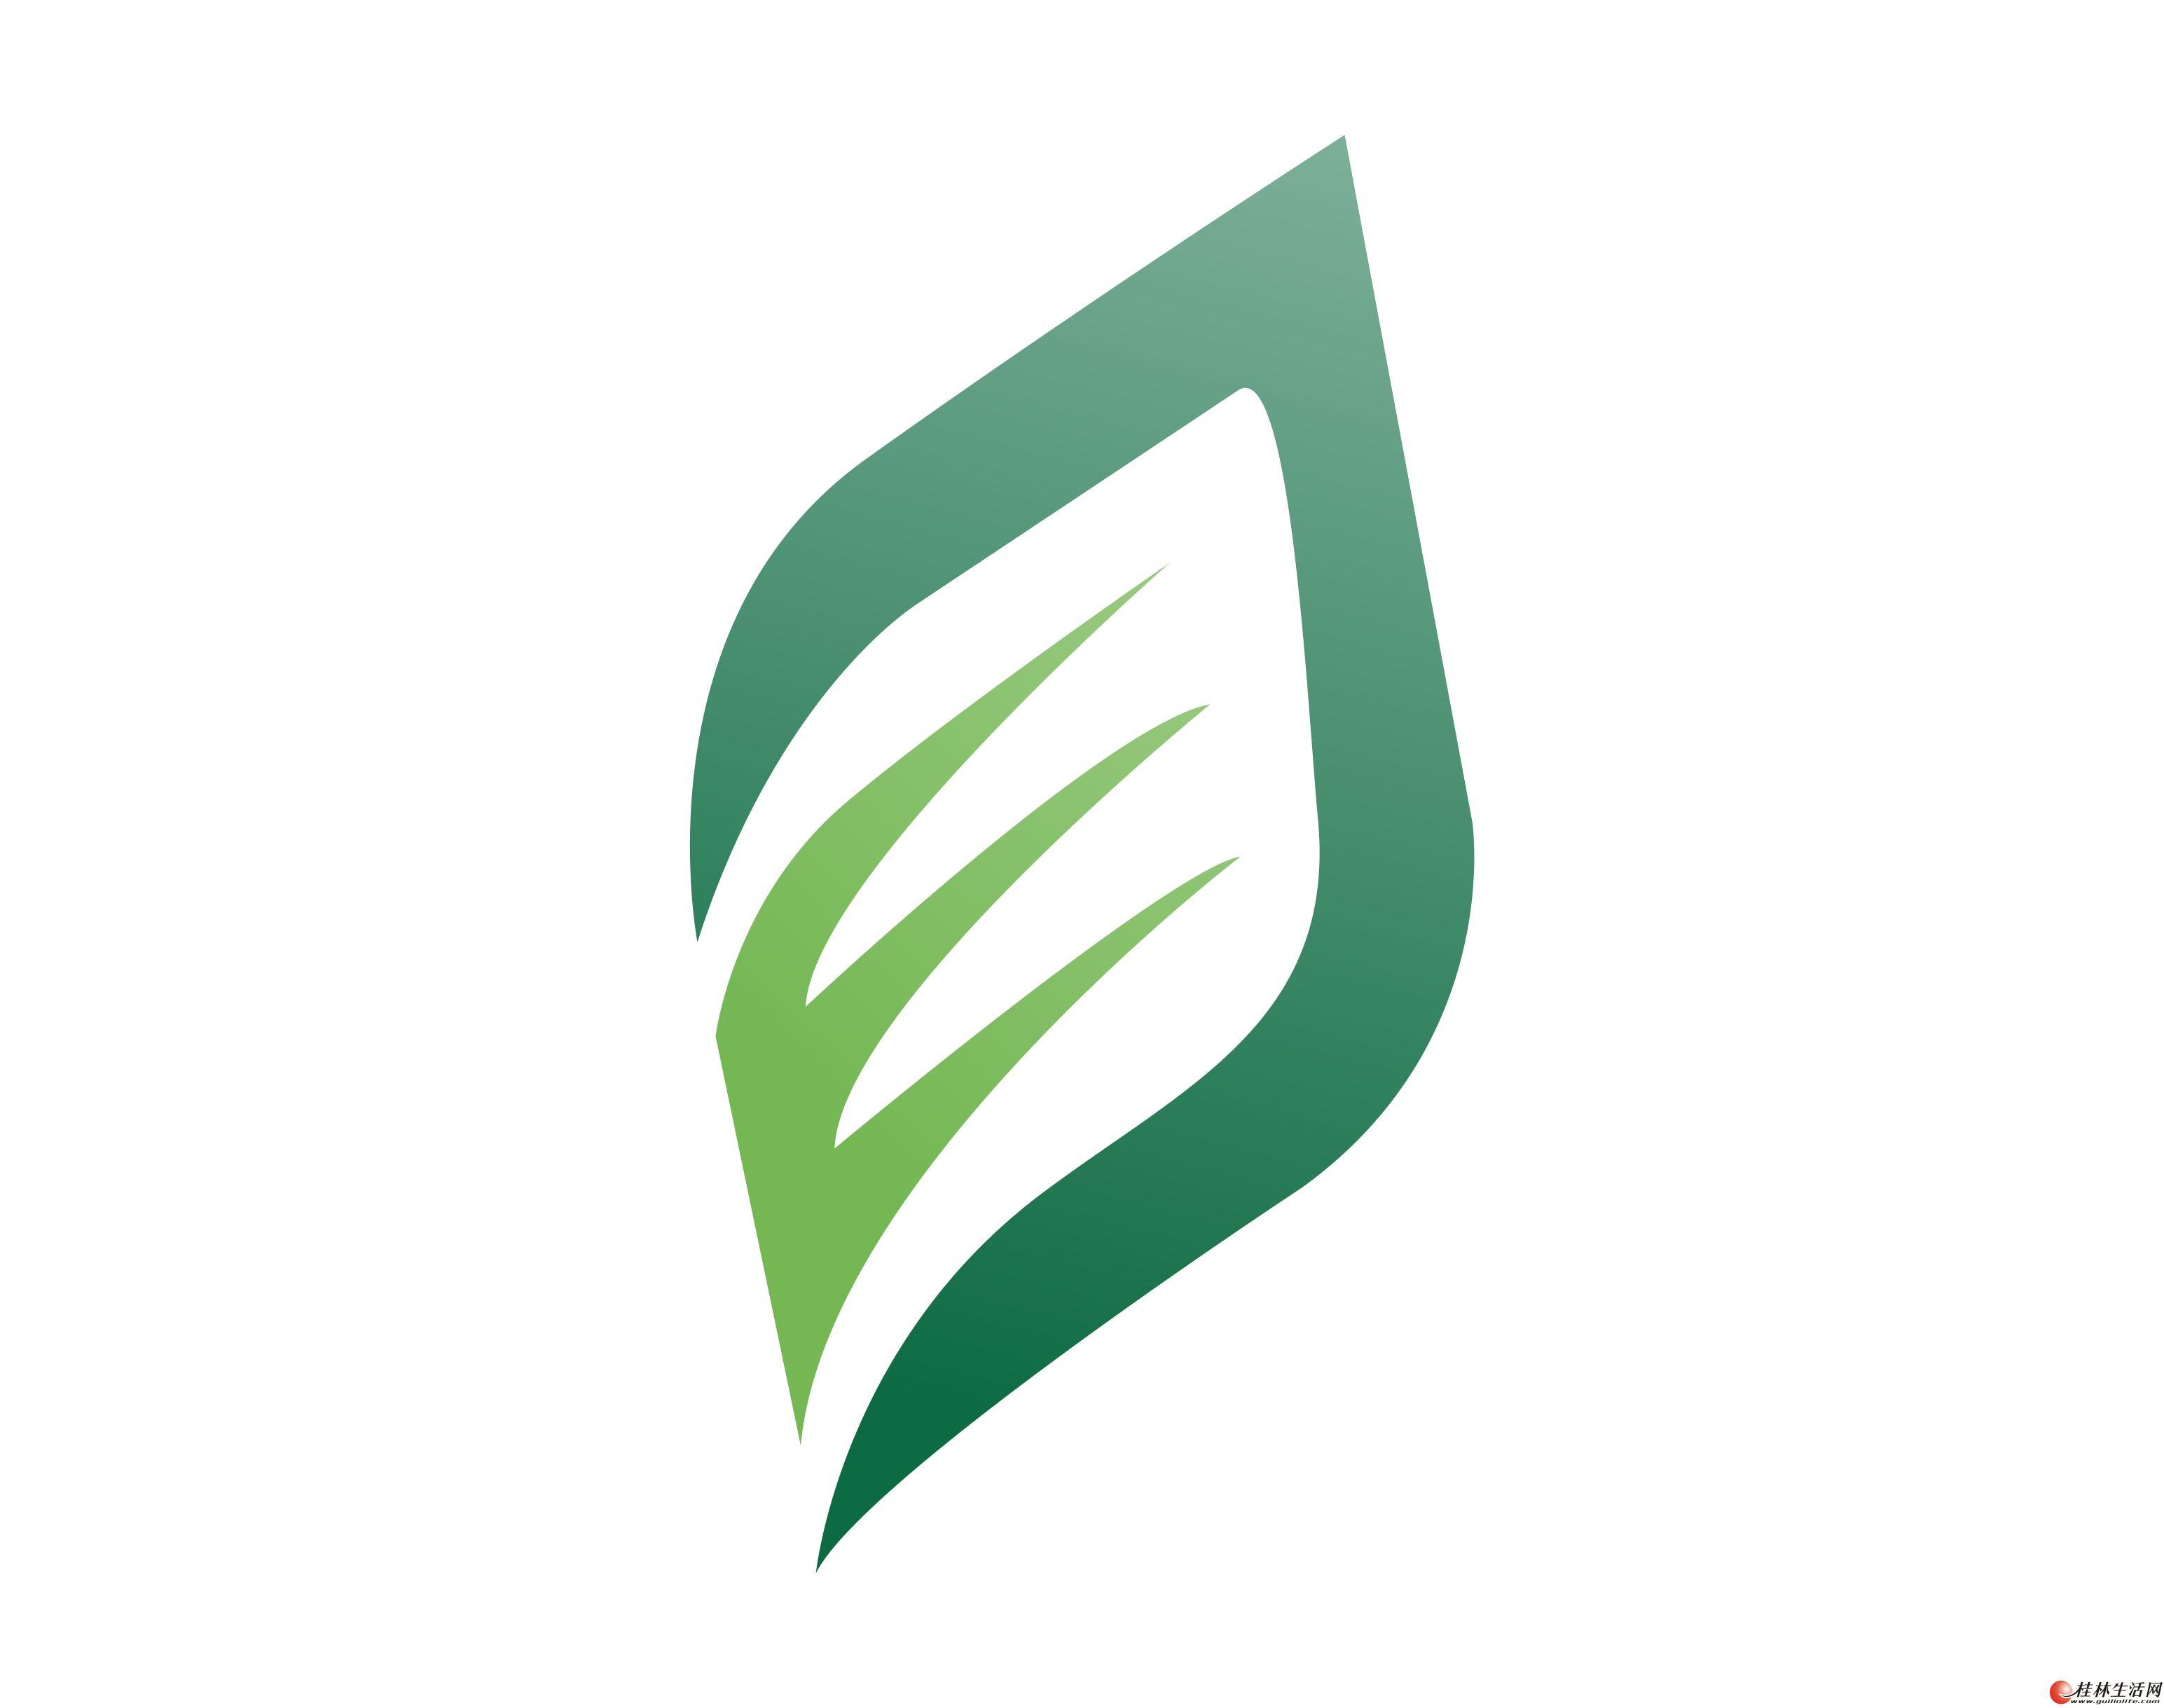 logo logo 标志 设计 矢量 矢量图 素材 图标 3089_2438